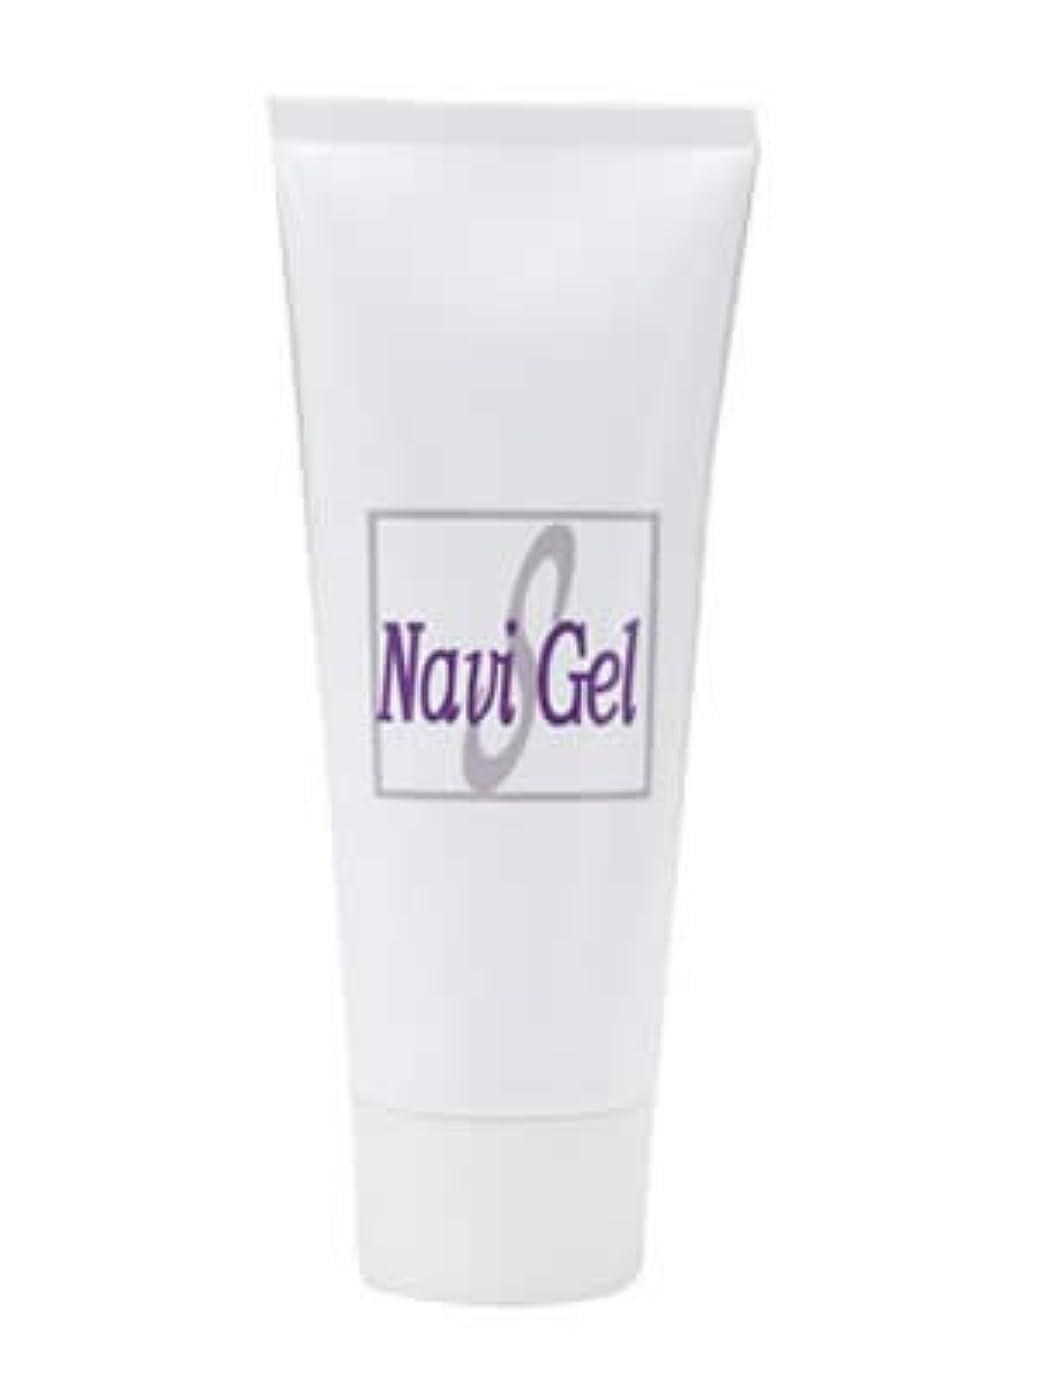 ナビジェル 美顔器ジェル 潤滑ジェル EMS機器などを使用する時に効果を出やすくする 美容ジェル